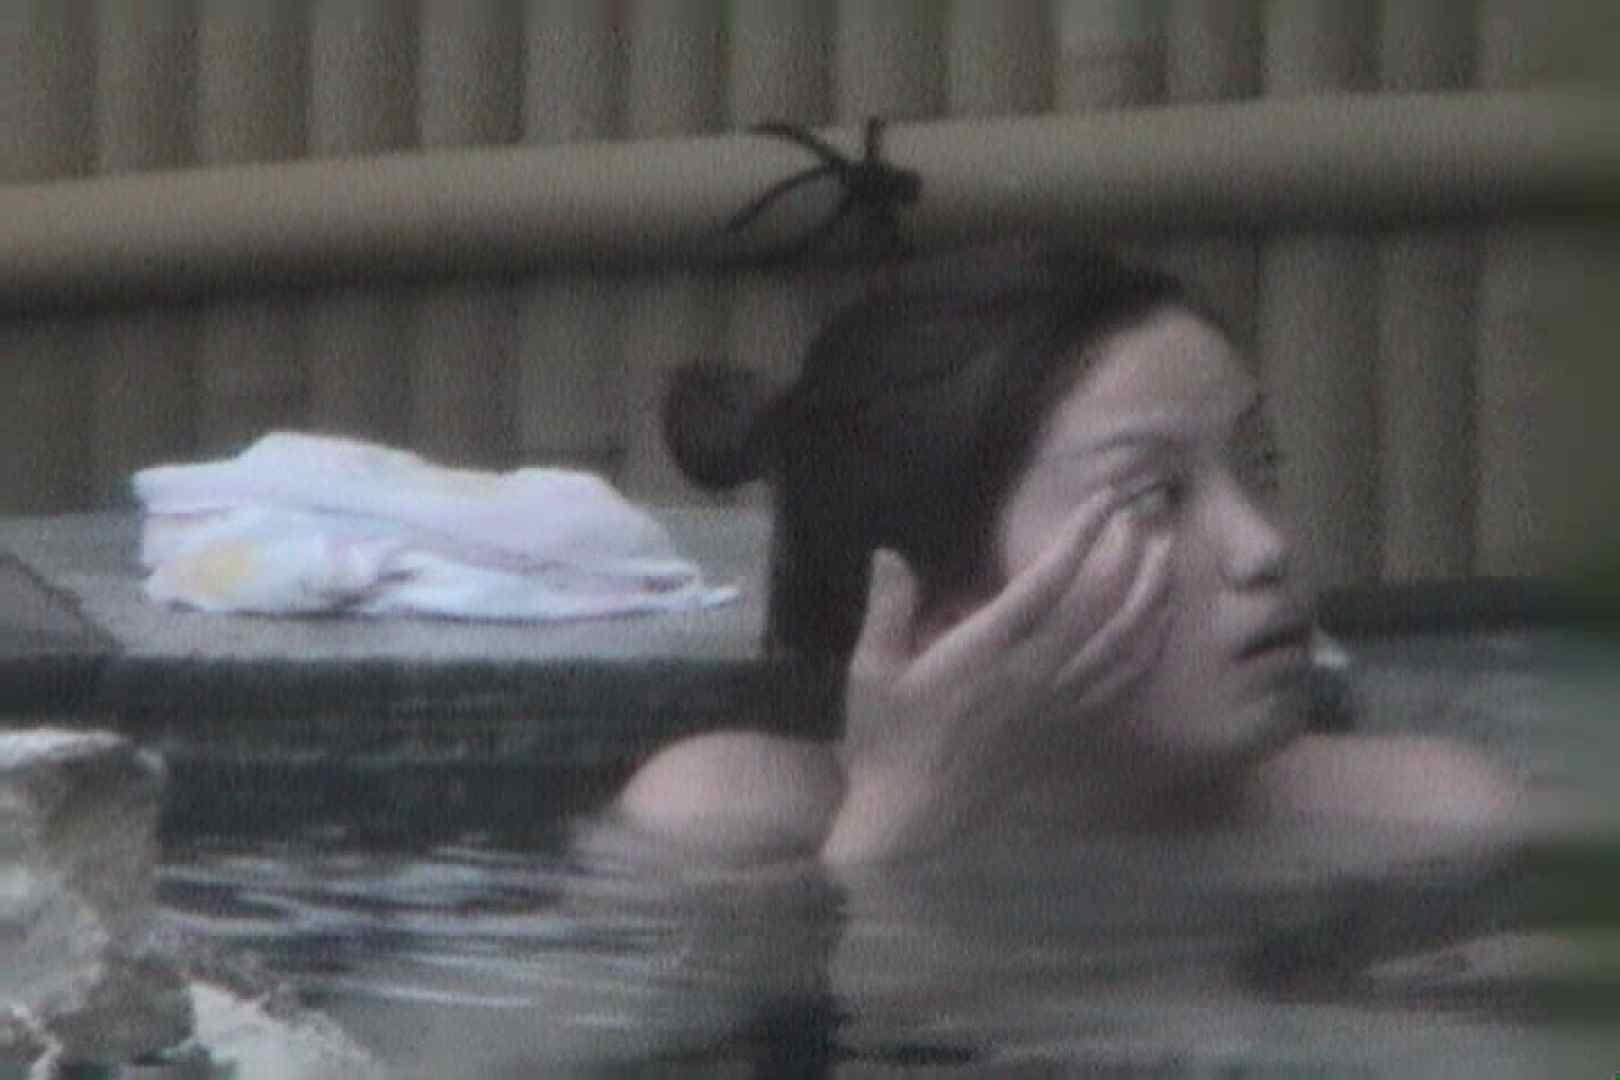 Aquaな露天風呂Vol.602 盗撮師作品 | 美しいOLの裸体  98pic 79